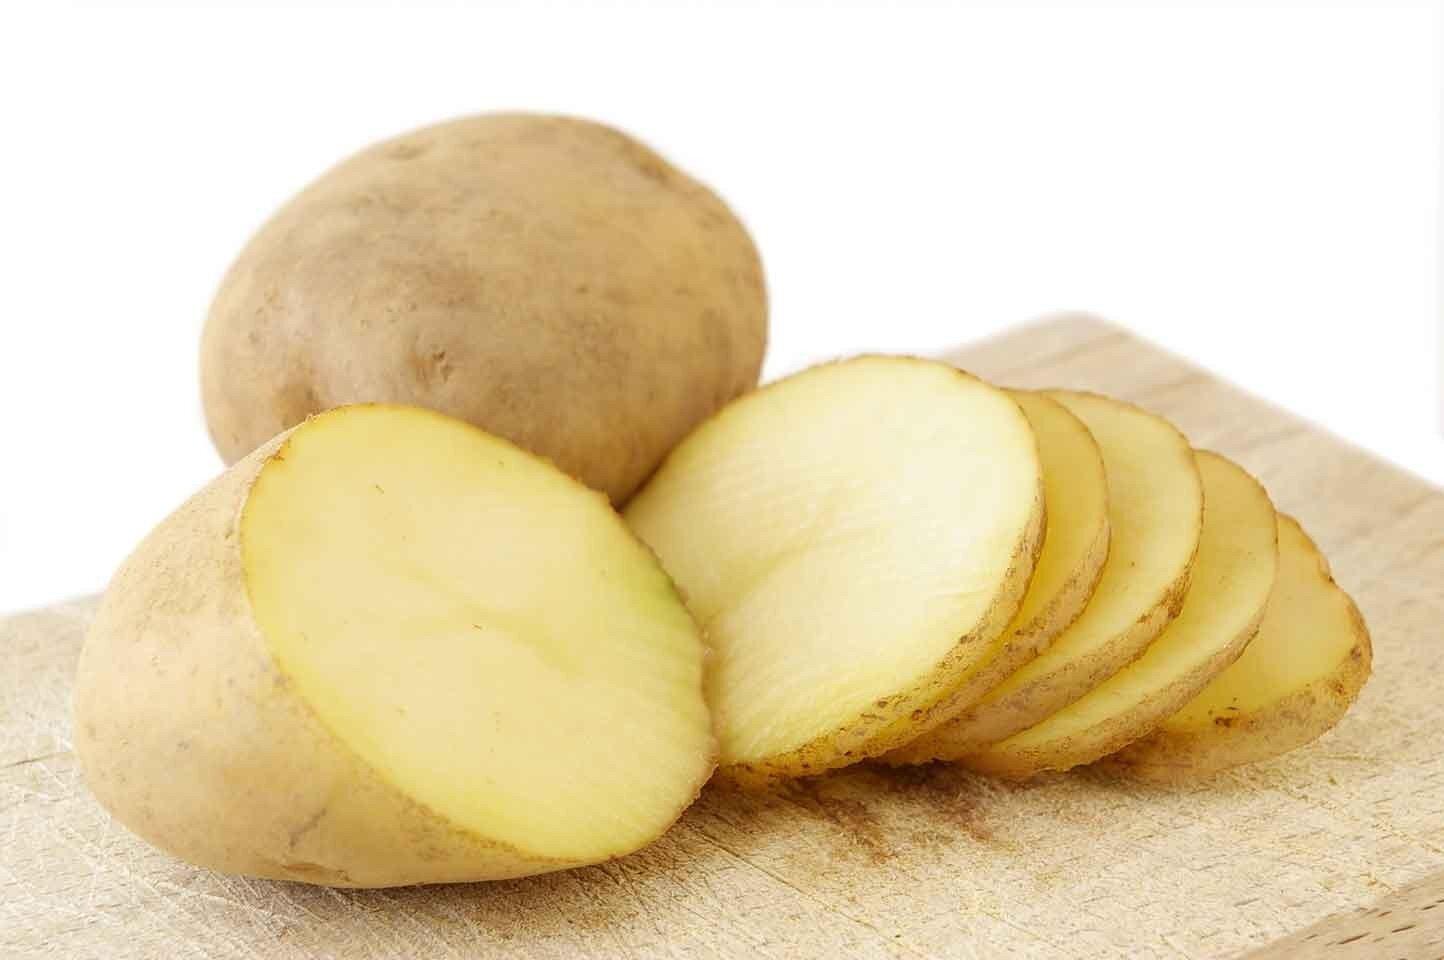 Khoai tây có nhiều vitamin B, vitamin A và các khoáng chất như sắt, kali, canxi